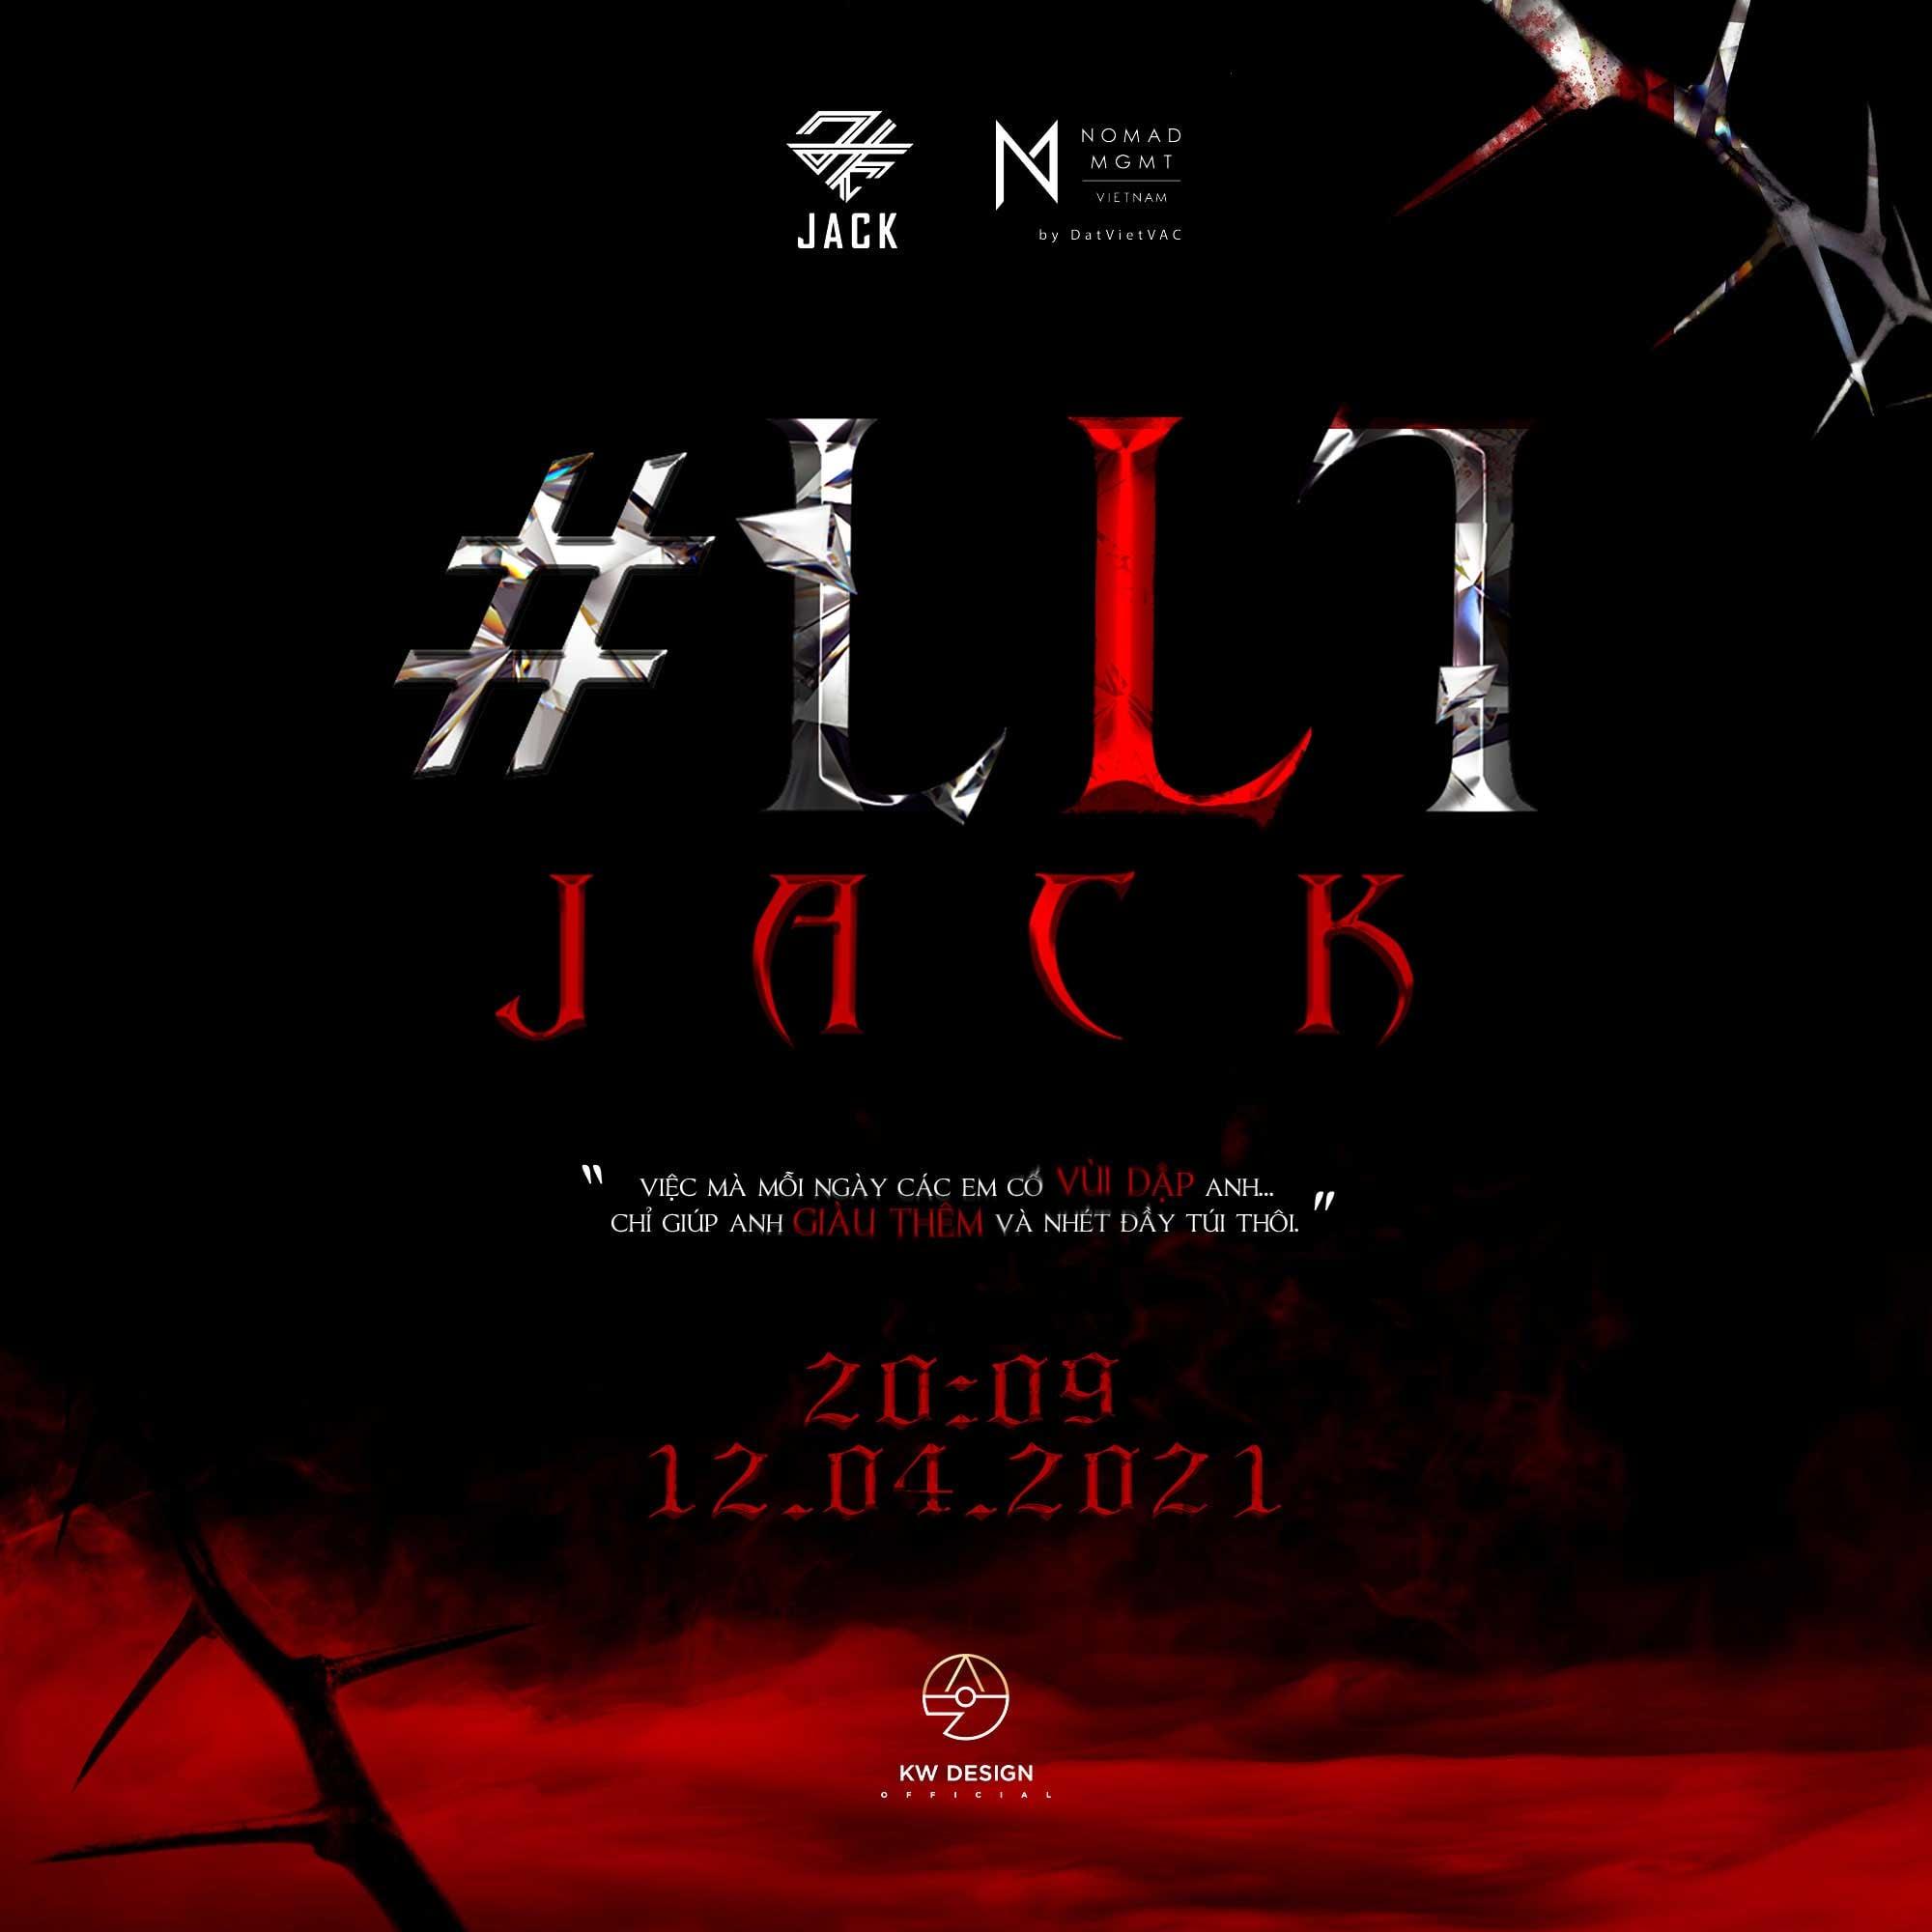 Jack tung teaser MV đậm chất giang hồ kèm lời tuyên bố cực gắt: Em mong giống anh sao, sorry anh ở trên cao - Ảnh 2.